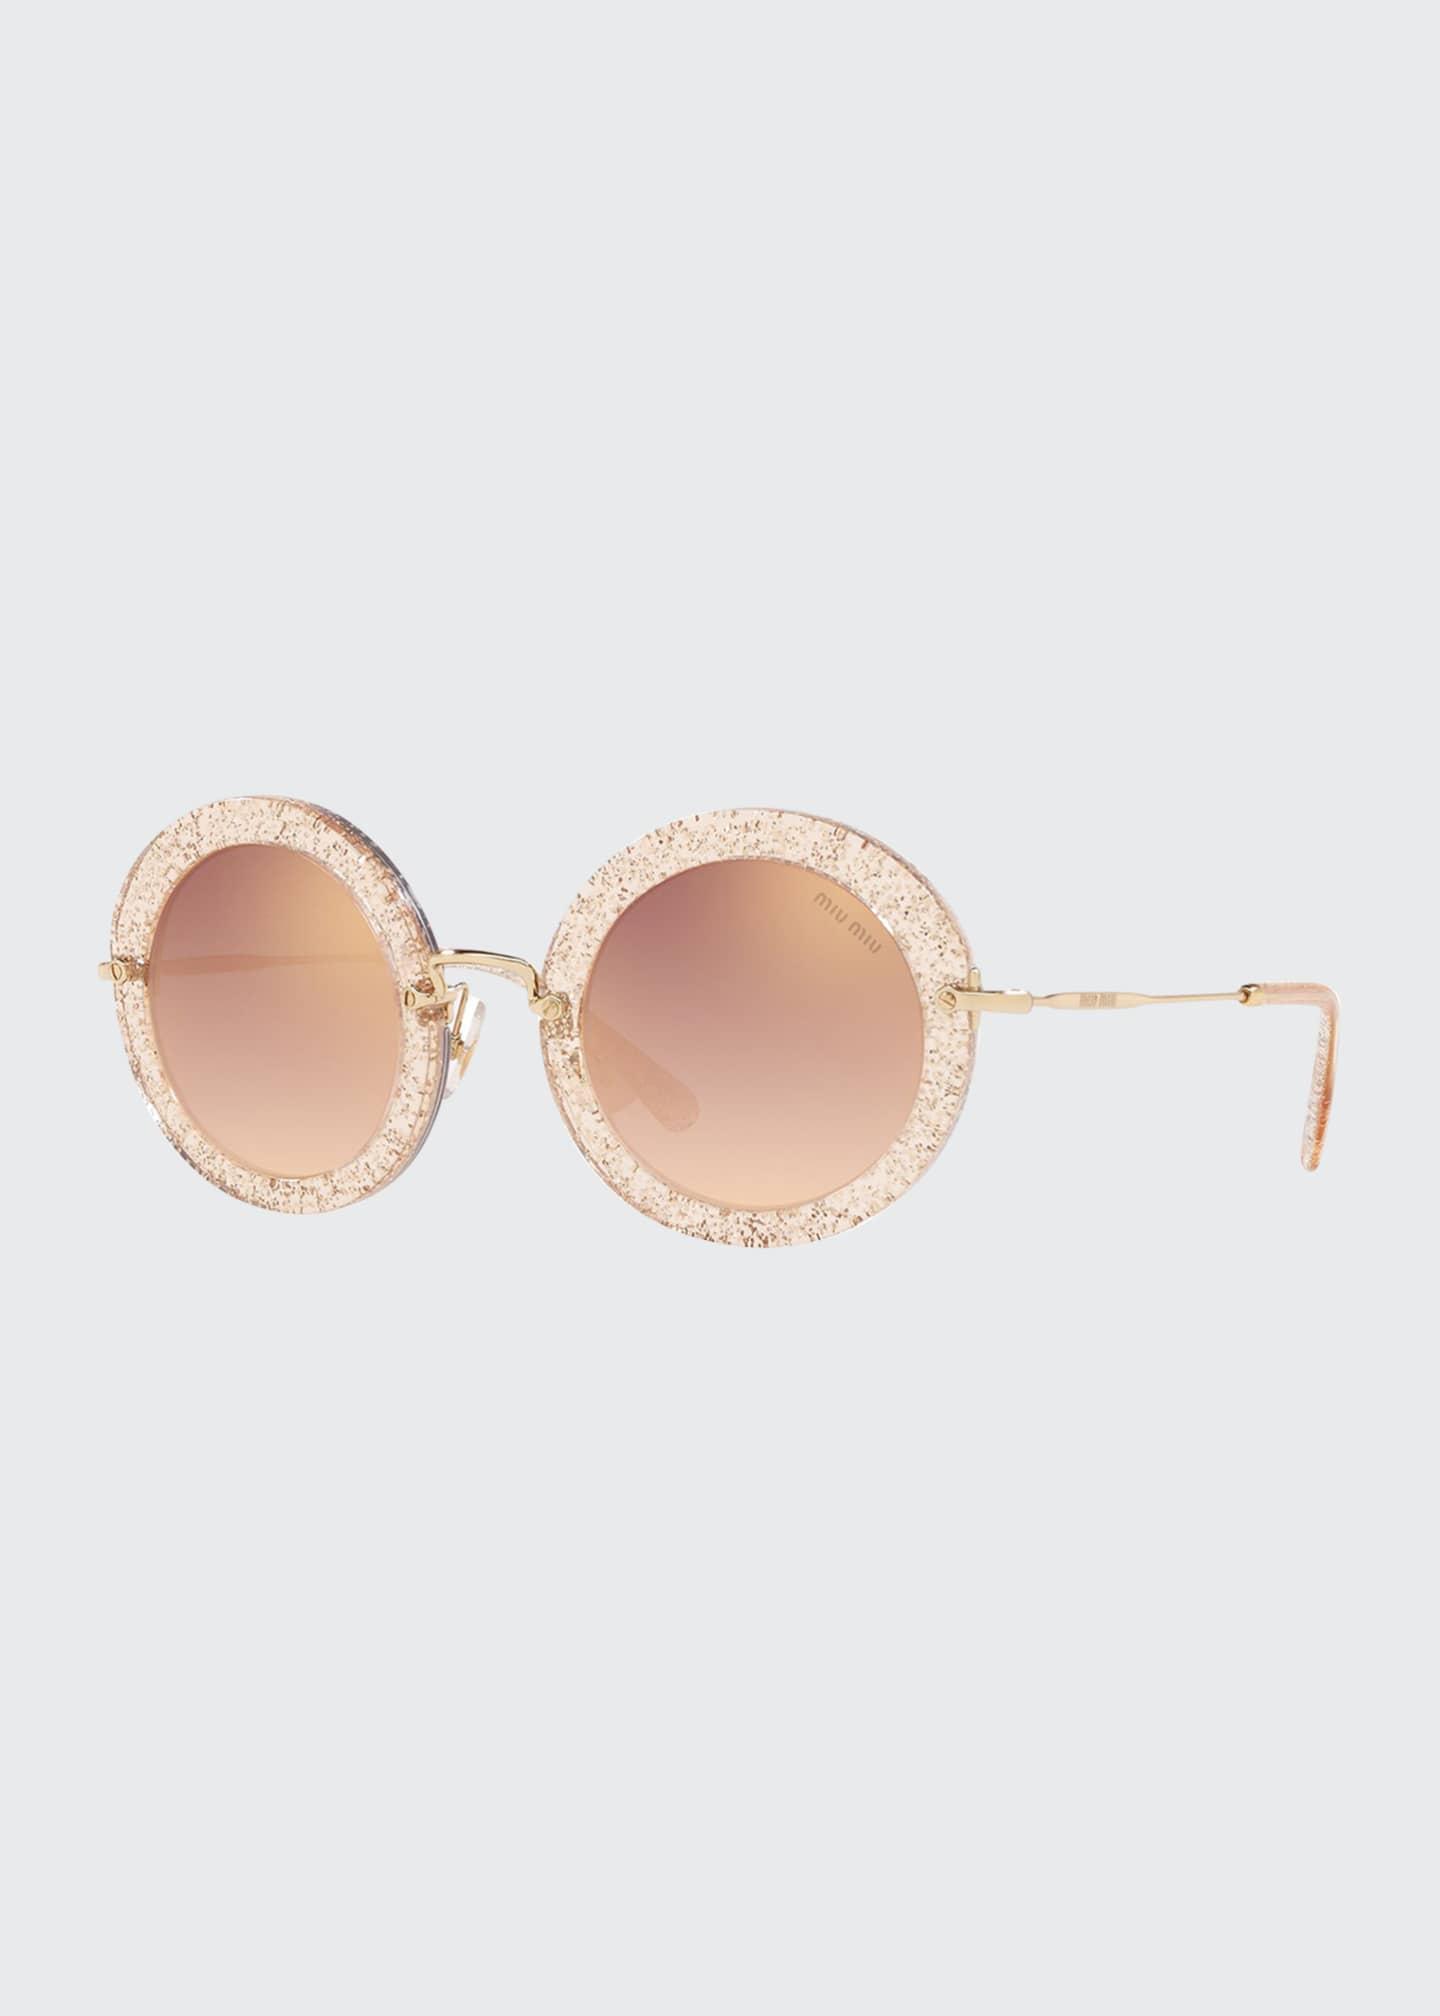 Miu Miu Mirrored Round Glitter Acetate Sunglasses